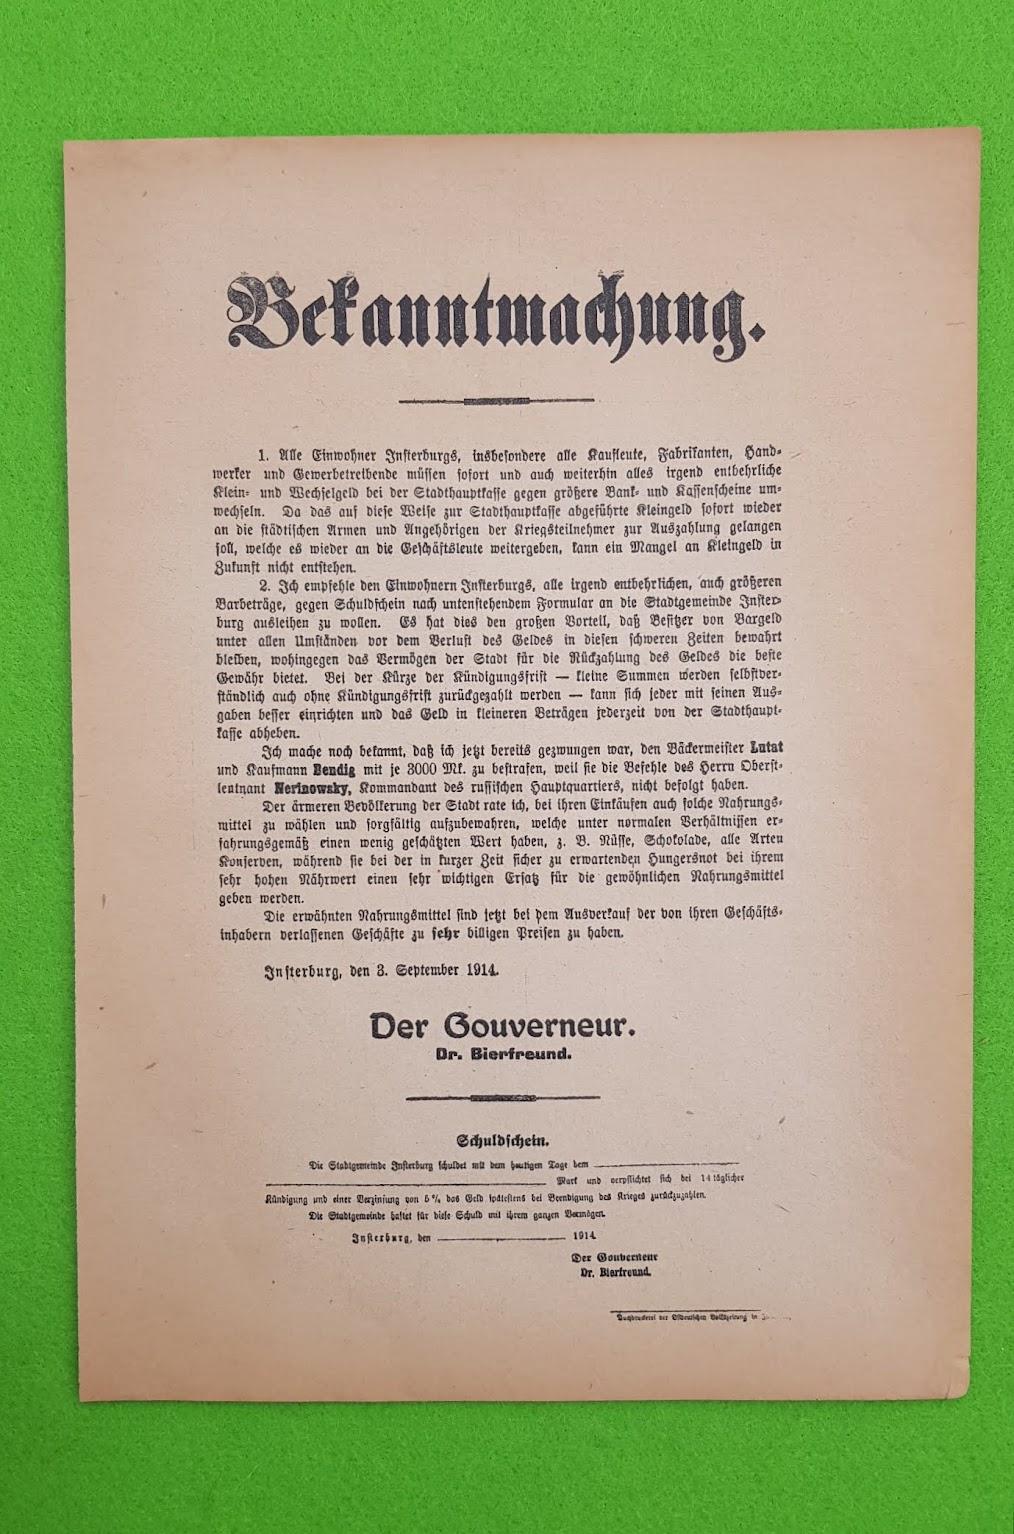 Bekanntmachung - Plakat vom Beginn des Ersten Weltkrieges - 1914